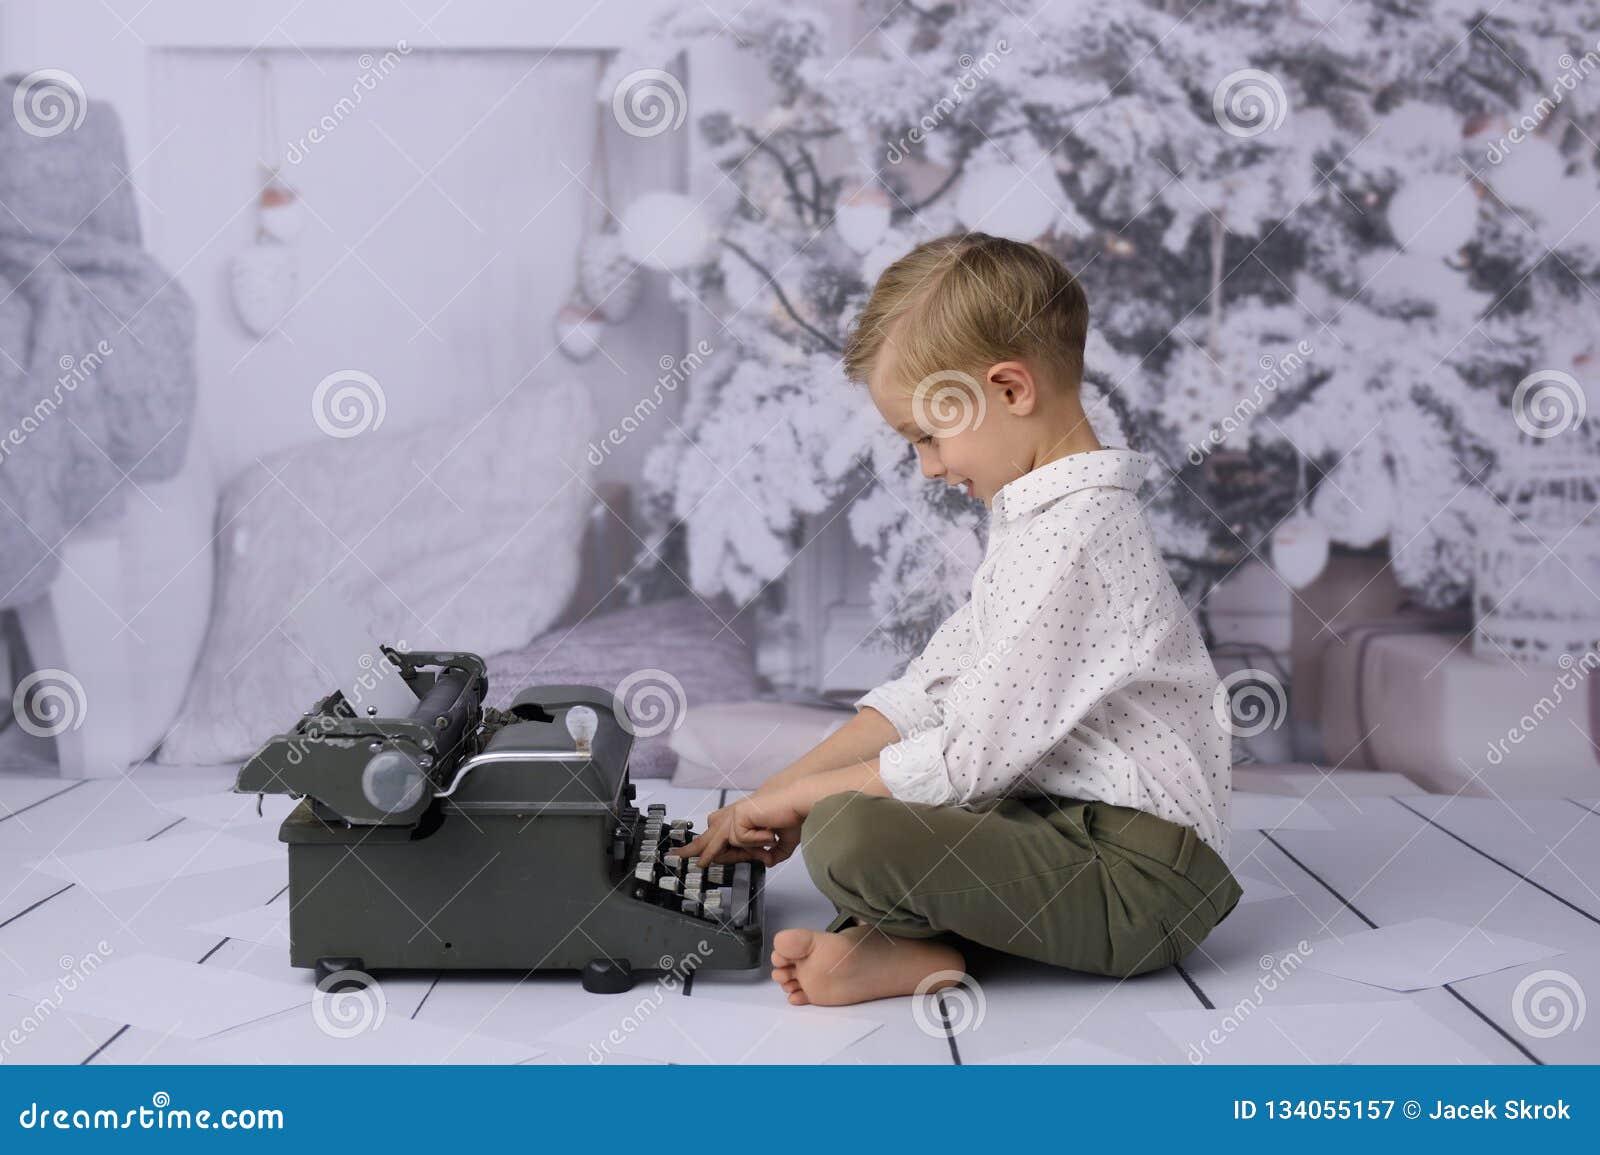 克劳斯信函圣诞老人 克劳斯信函圣诞老人 一个愉快的孩子写礼品单